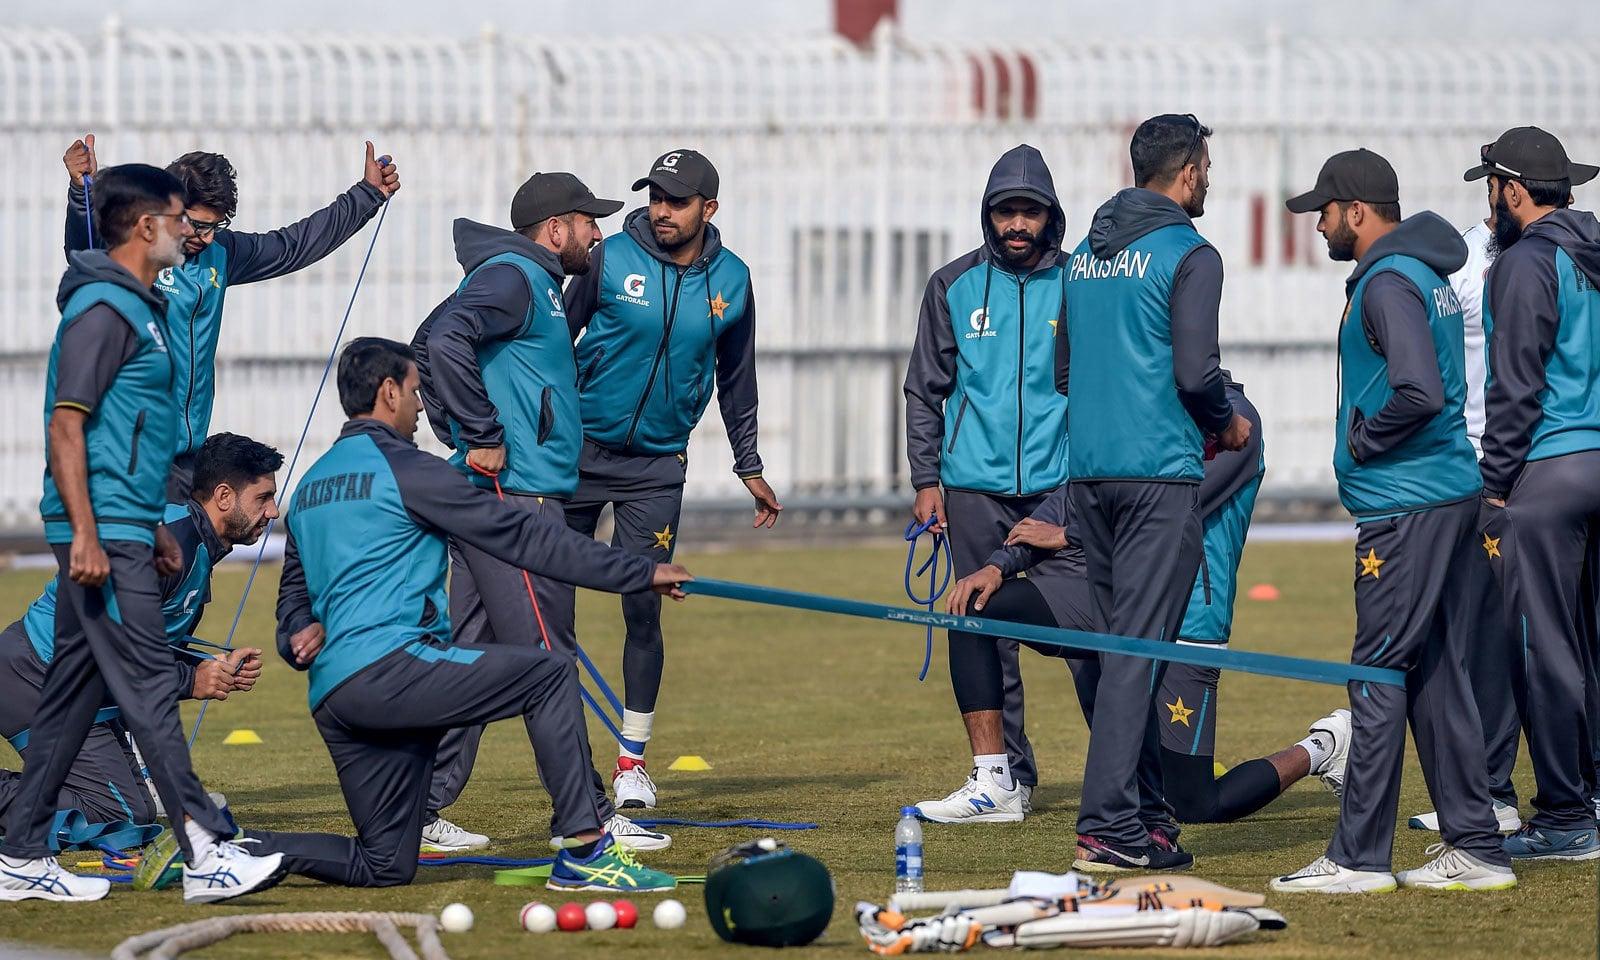 پاکستانی کھلاڑی میچ سے قبل ٹریننگ کر رہے ہیں— فوٹو: اے ایف پی